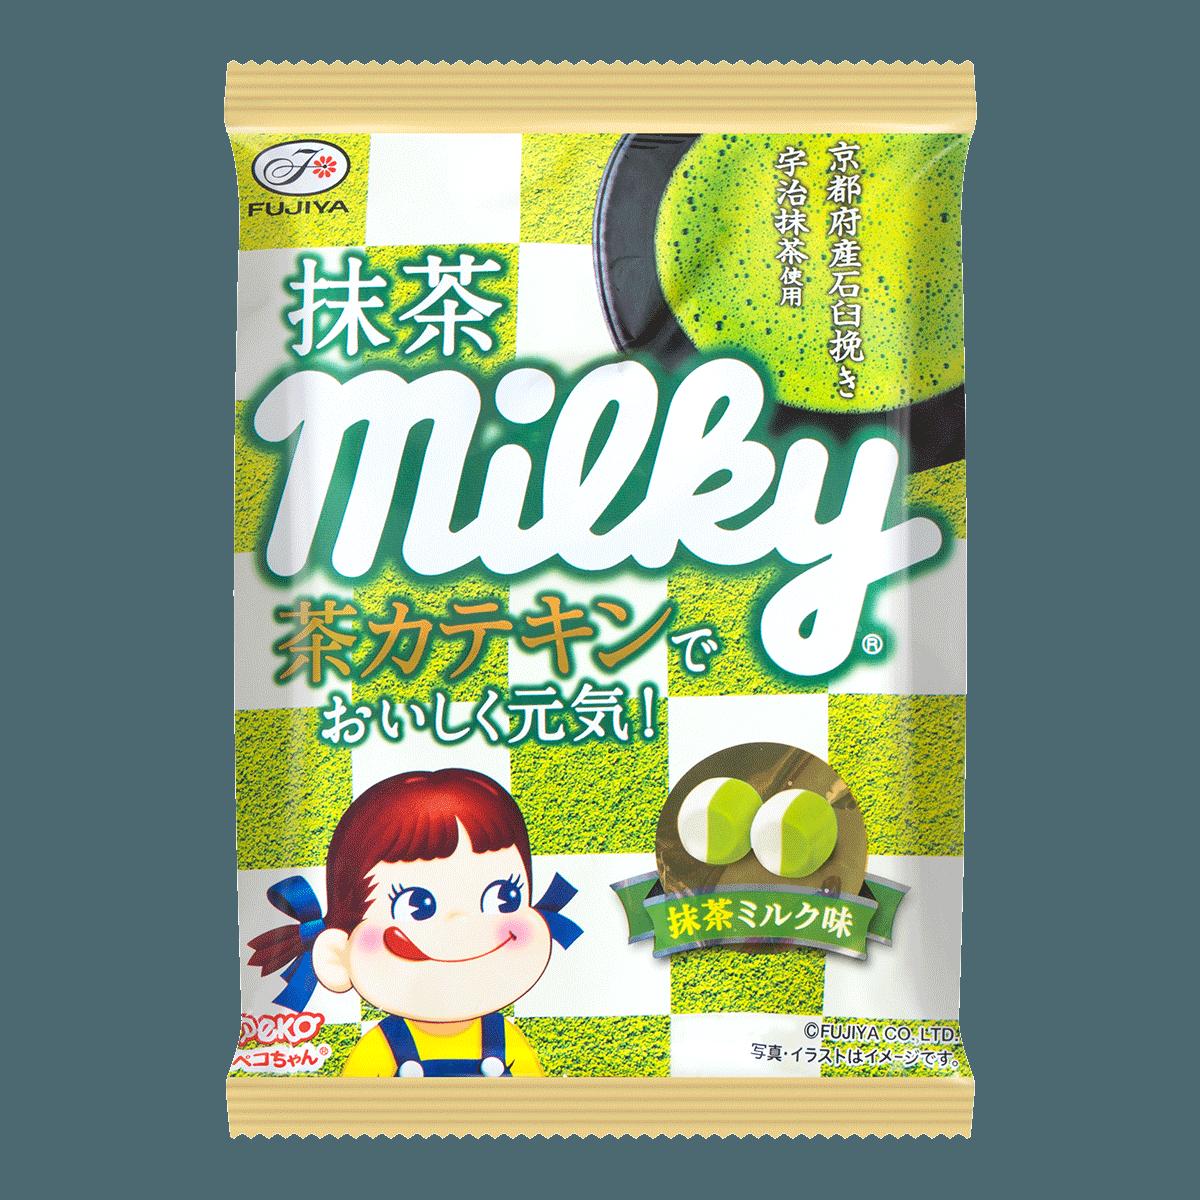 日本FUJIYA不二家 宇治抹茶牛奶糖 80g